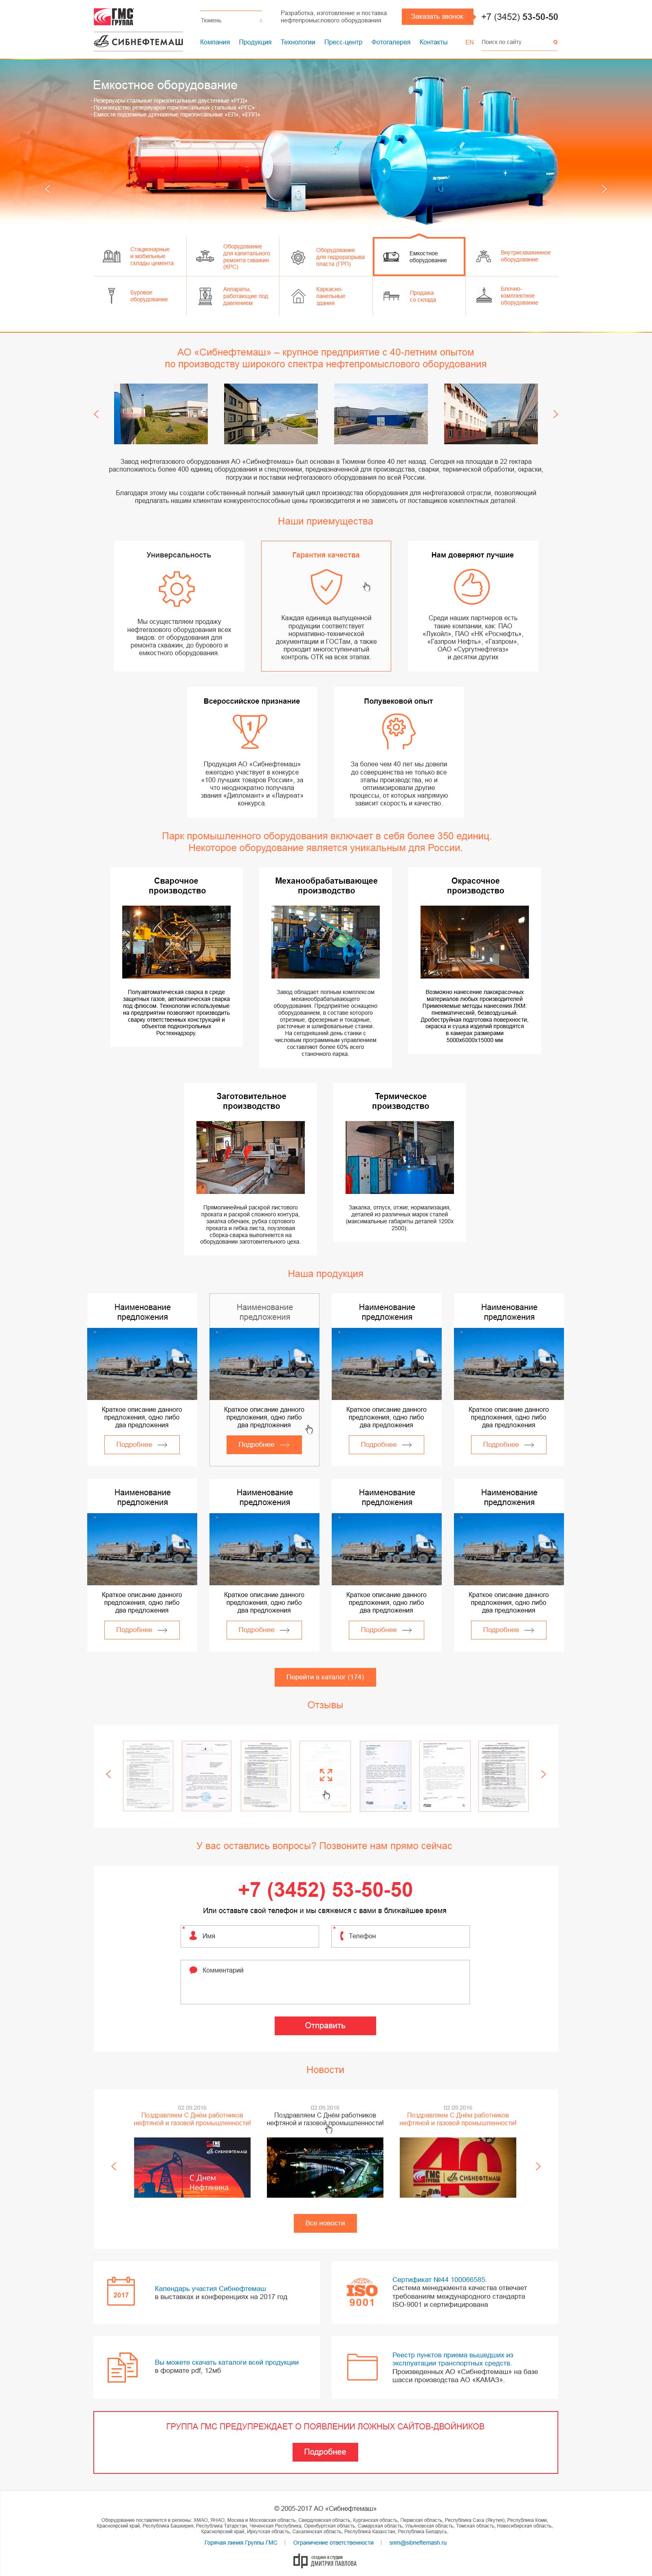 Сибнефтемаш - разработка, изготовление и поставка нефтепромыслового оборудования (landing page)